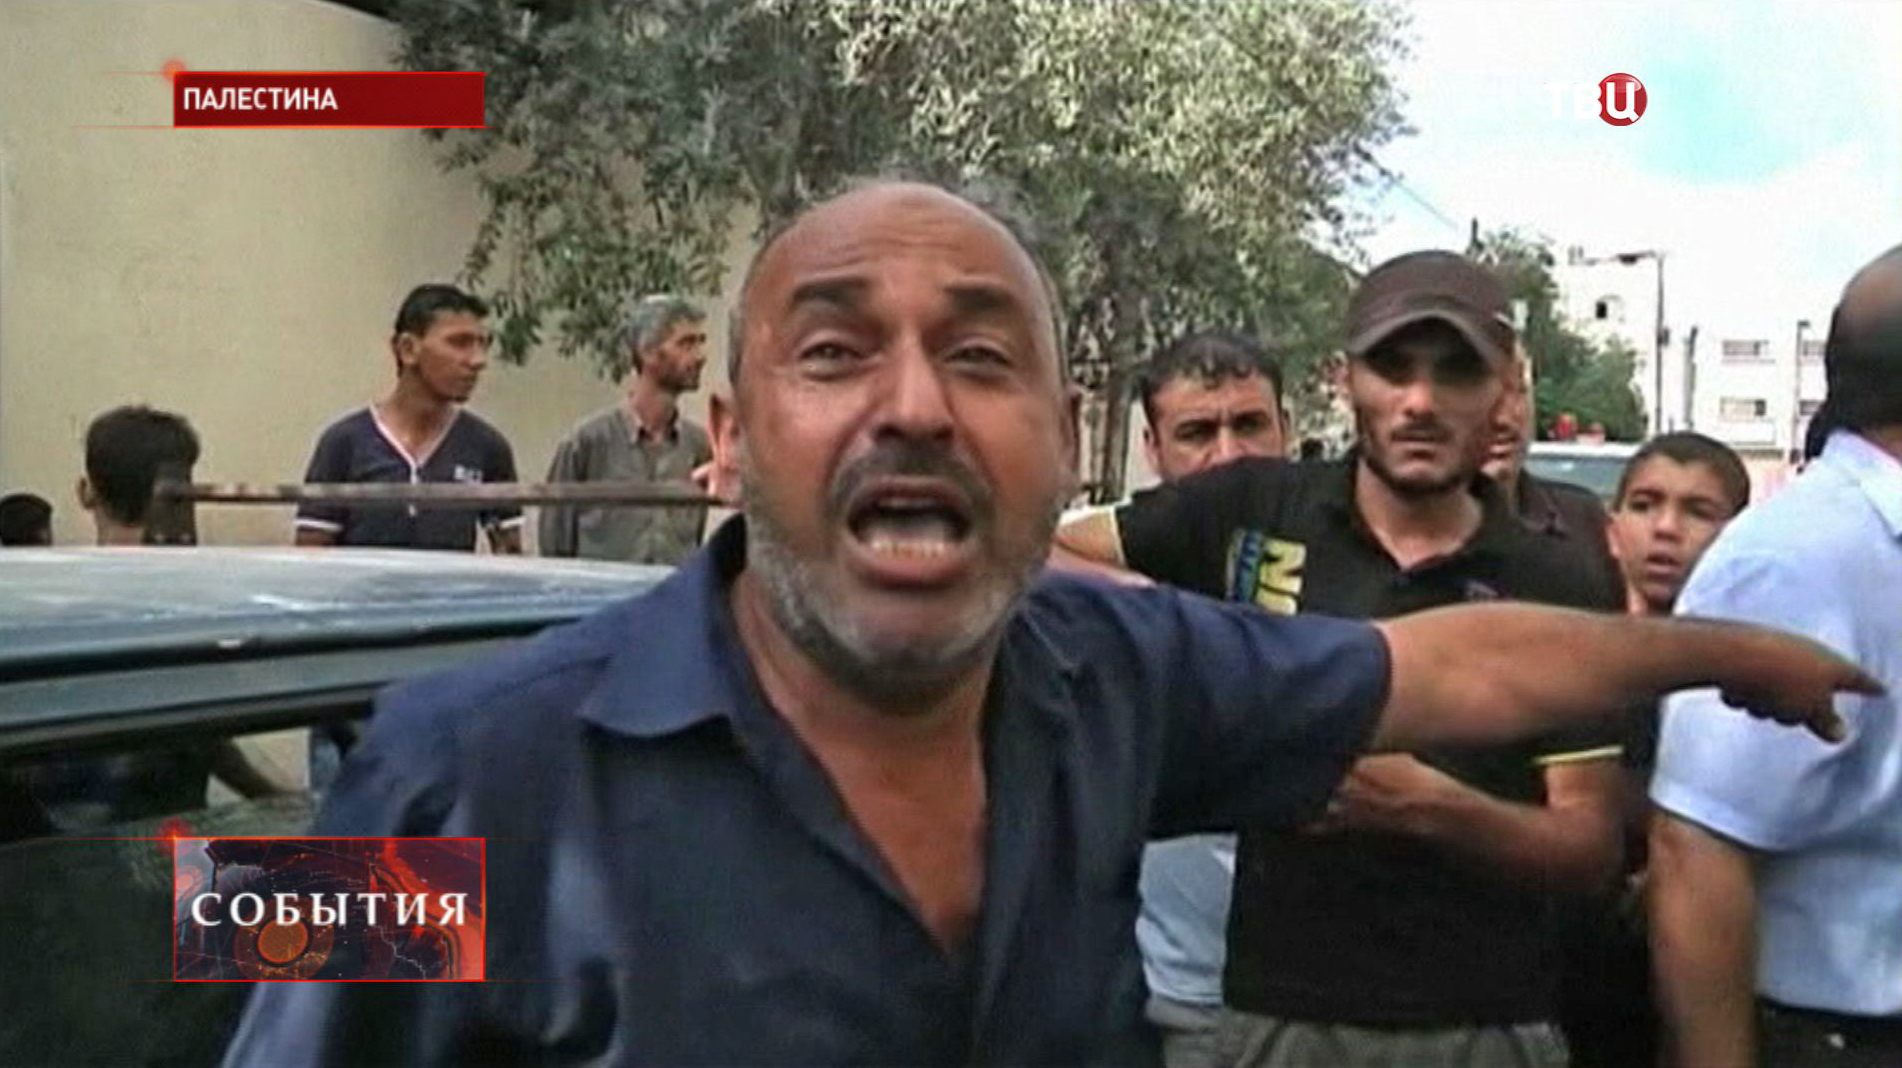 Жители Плестины